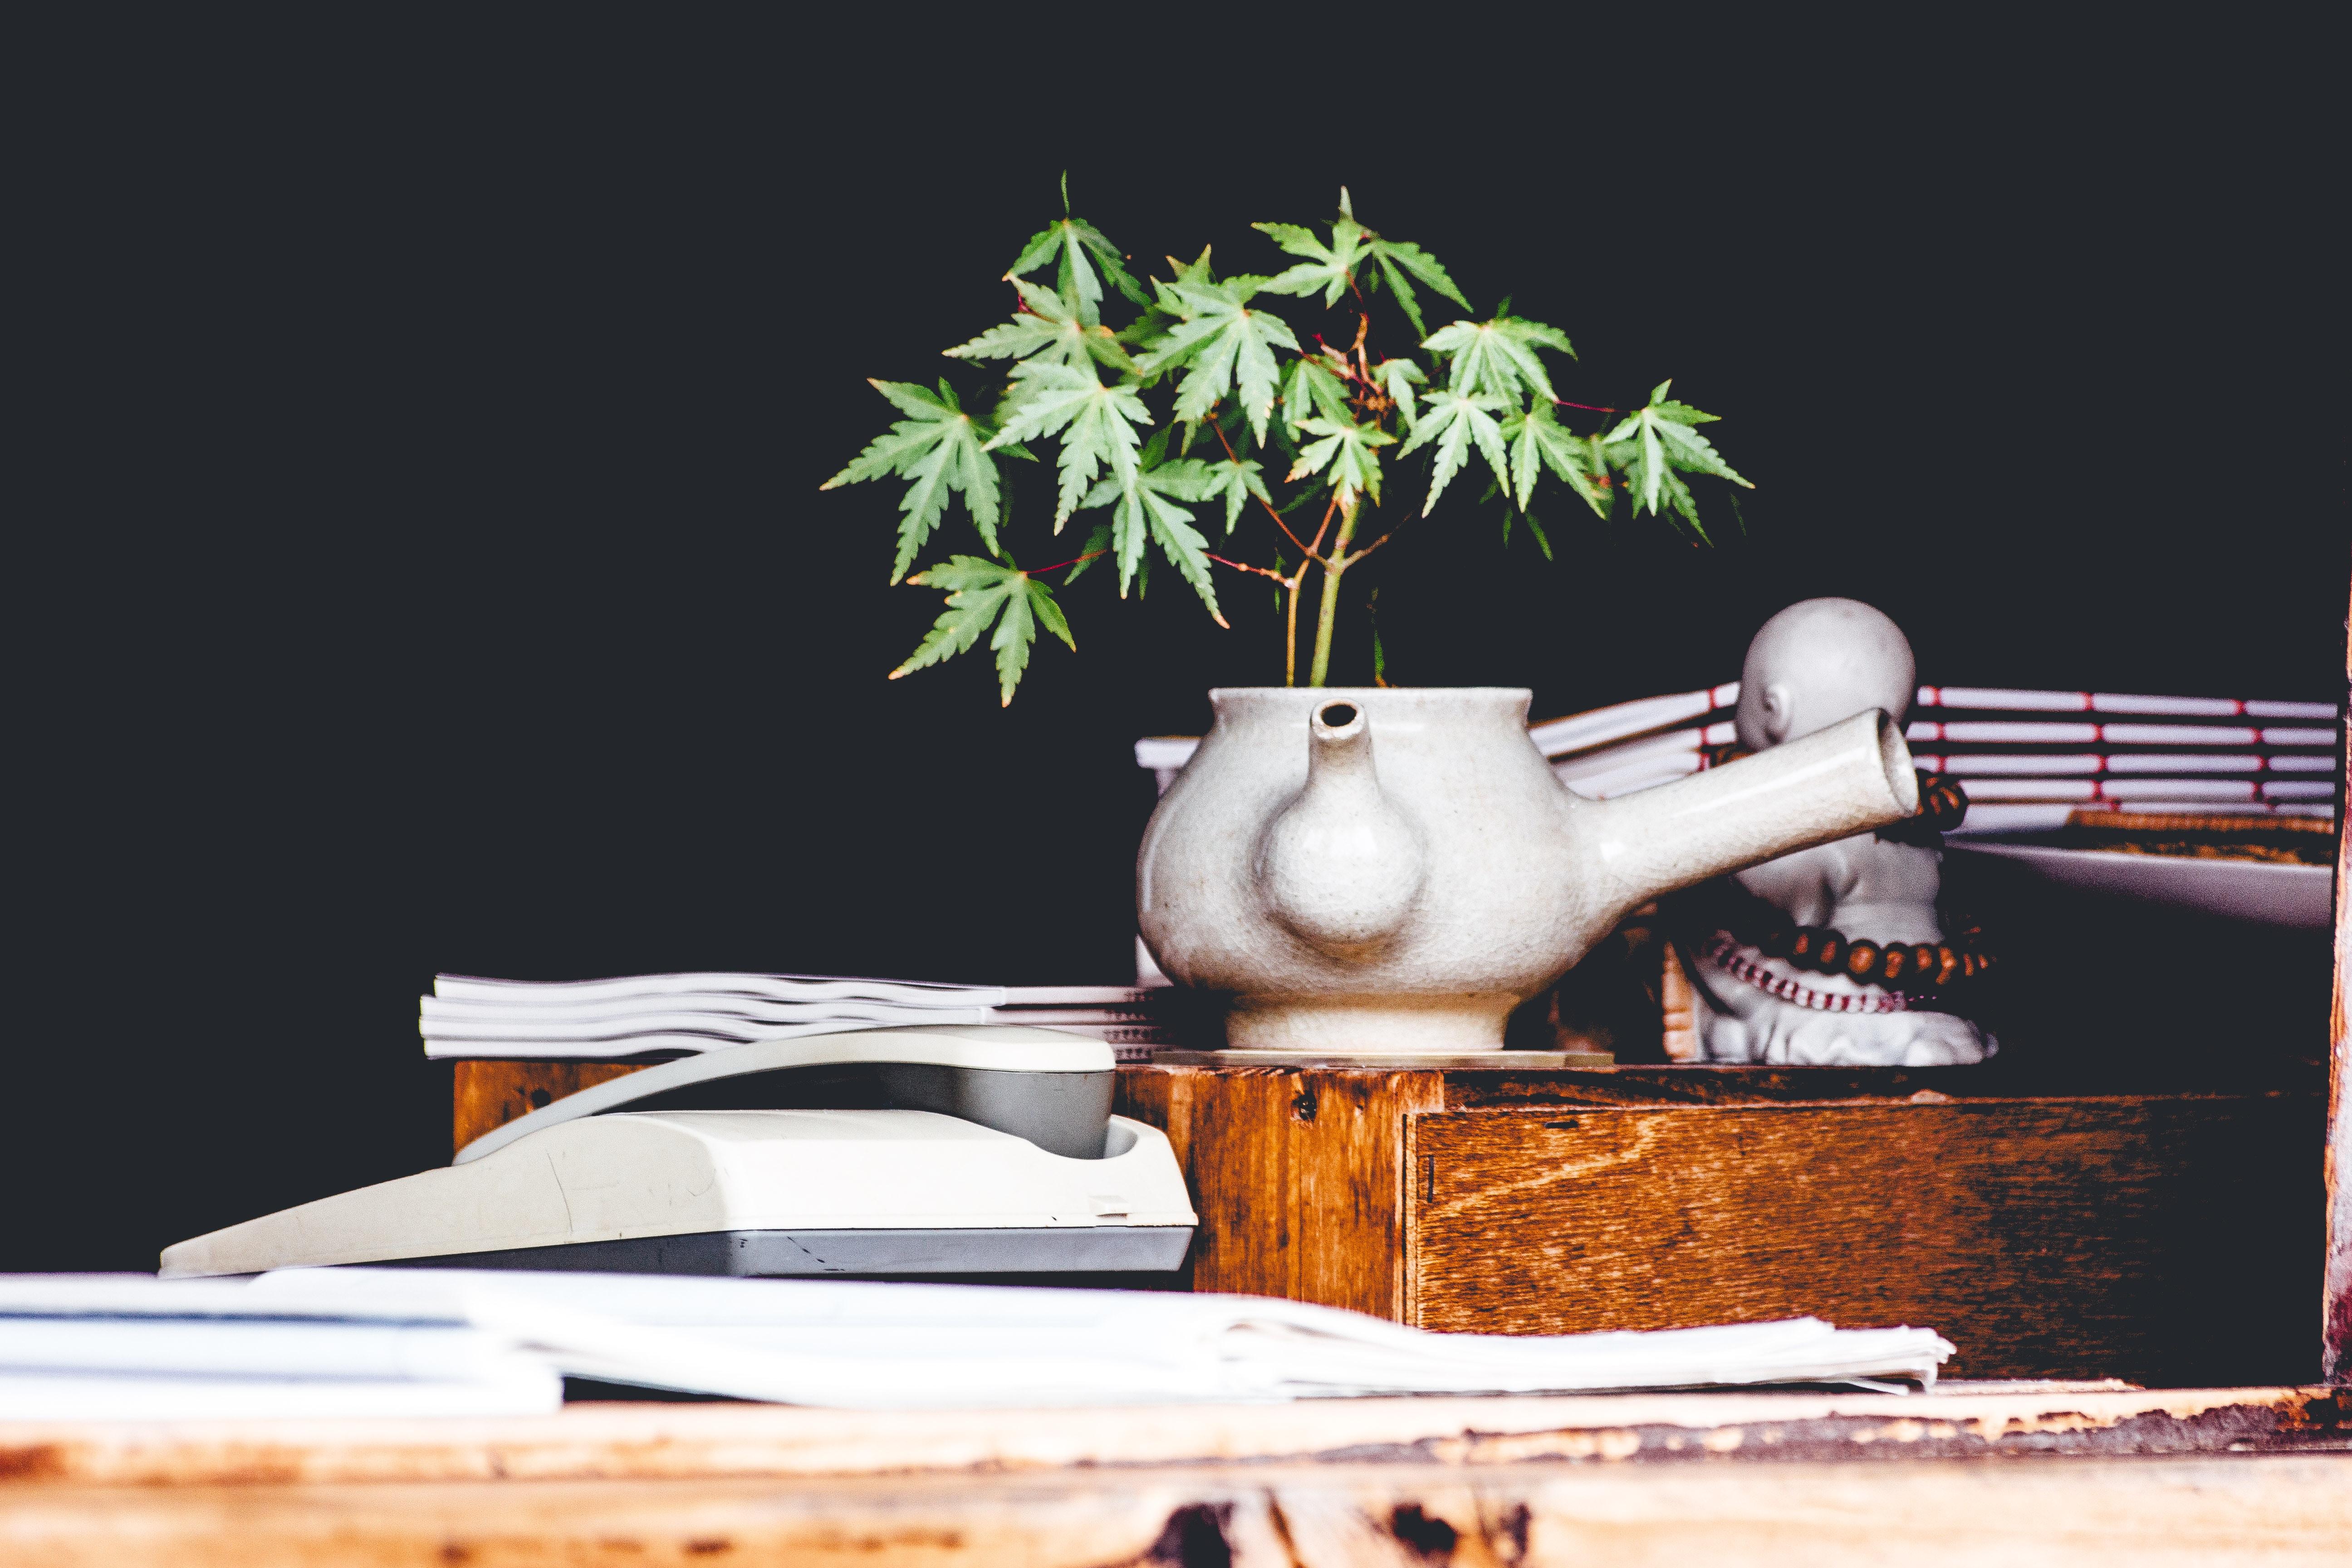 Medicinsk cannabis hjælper sygdomsramte danskere